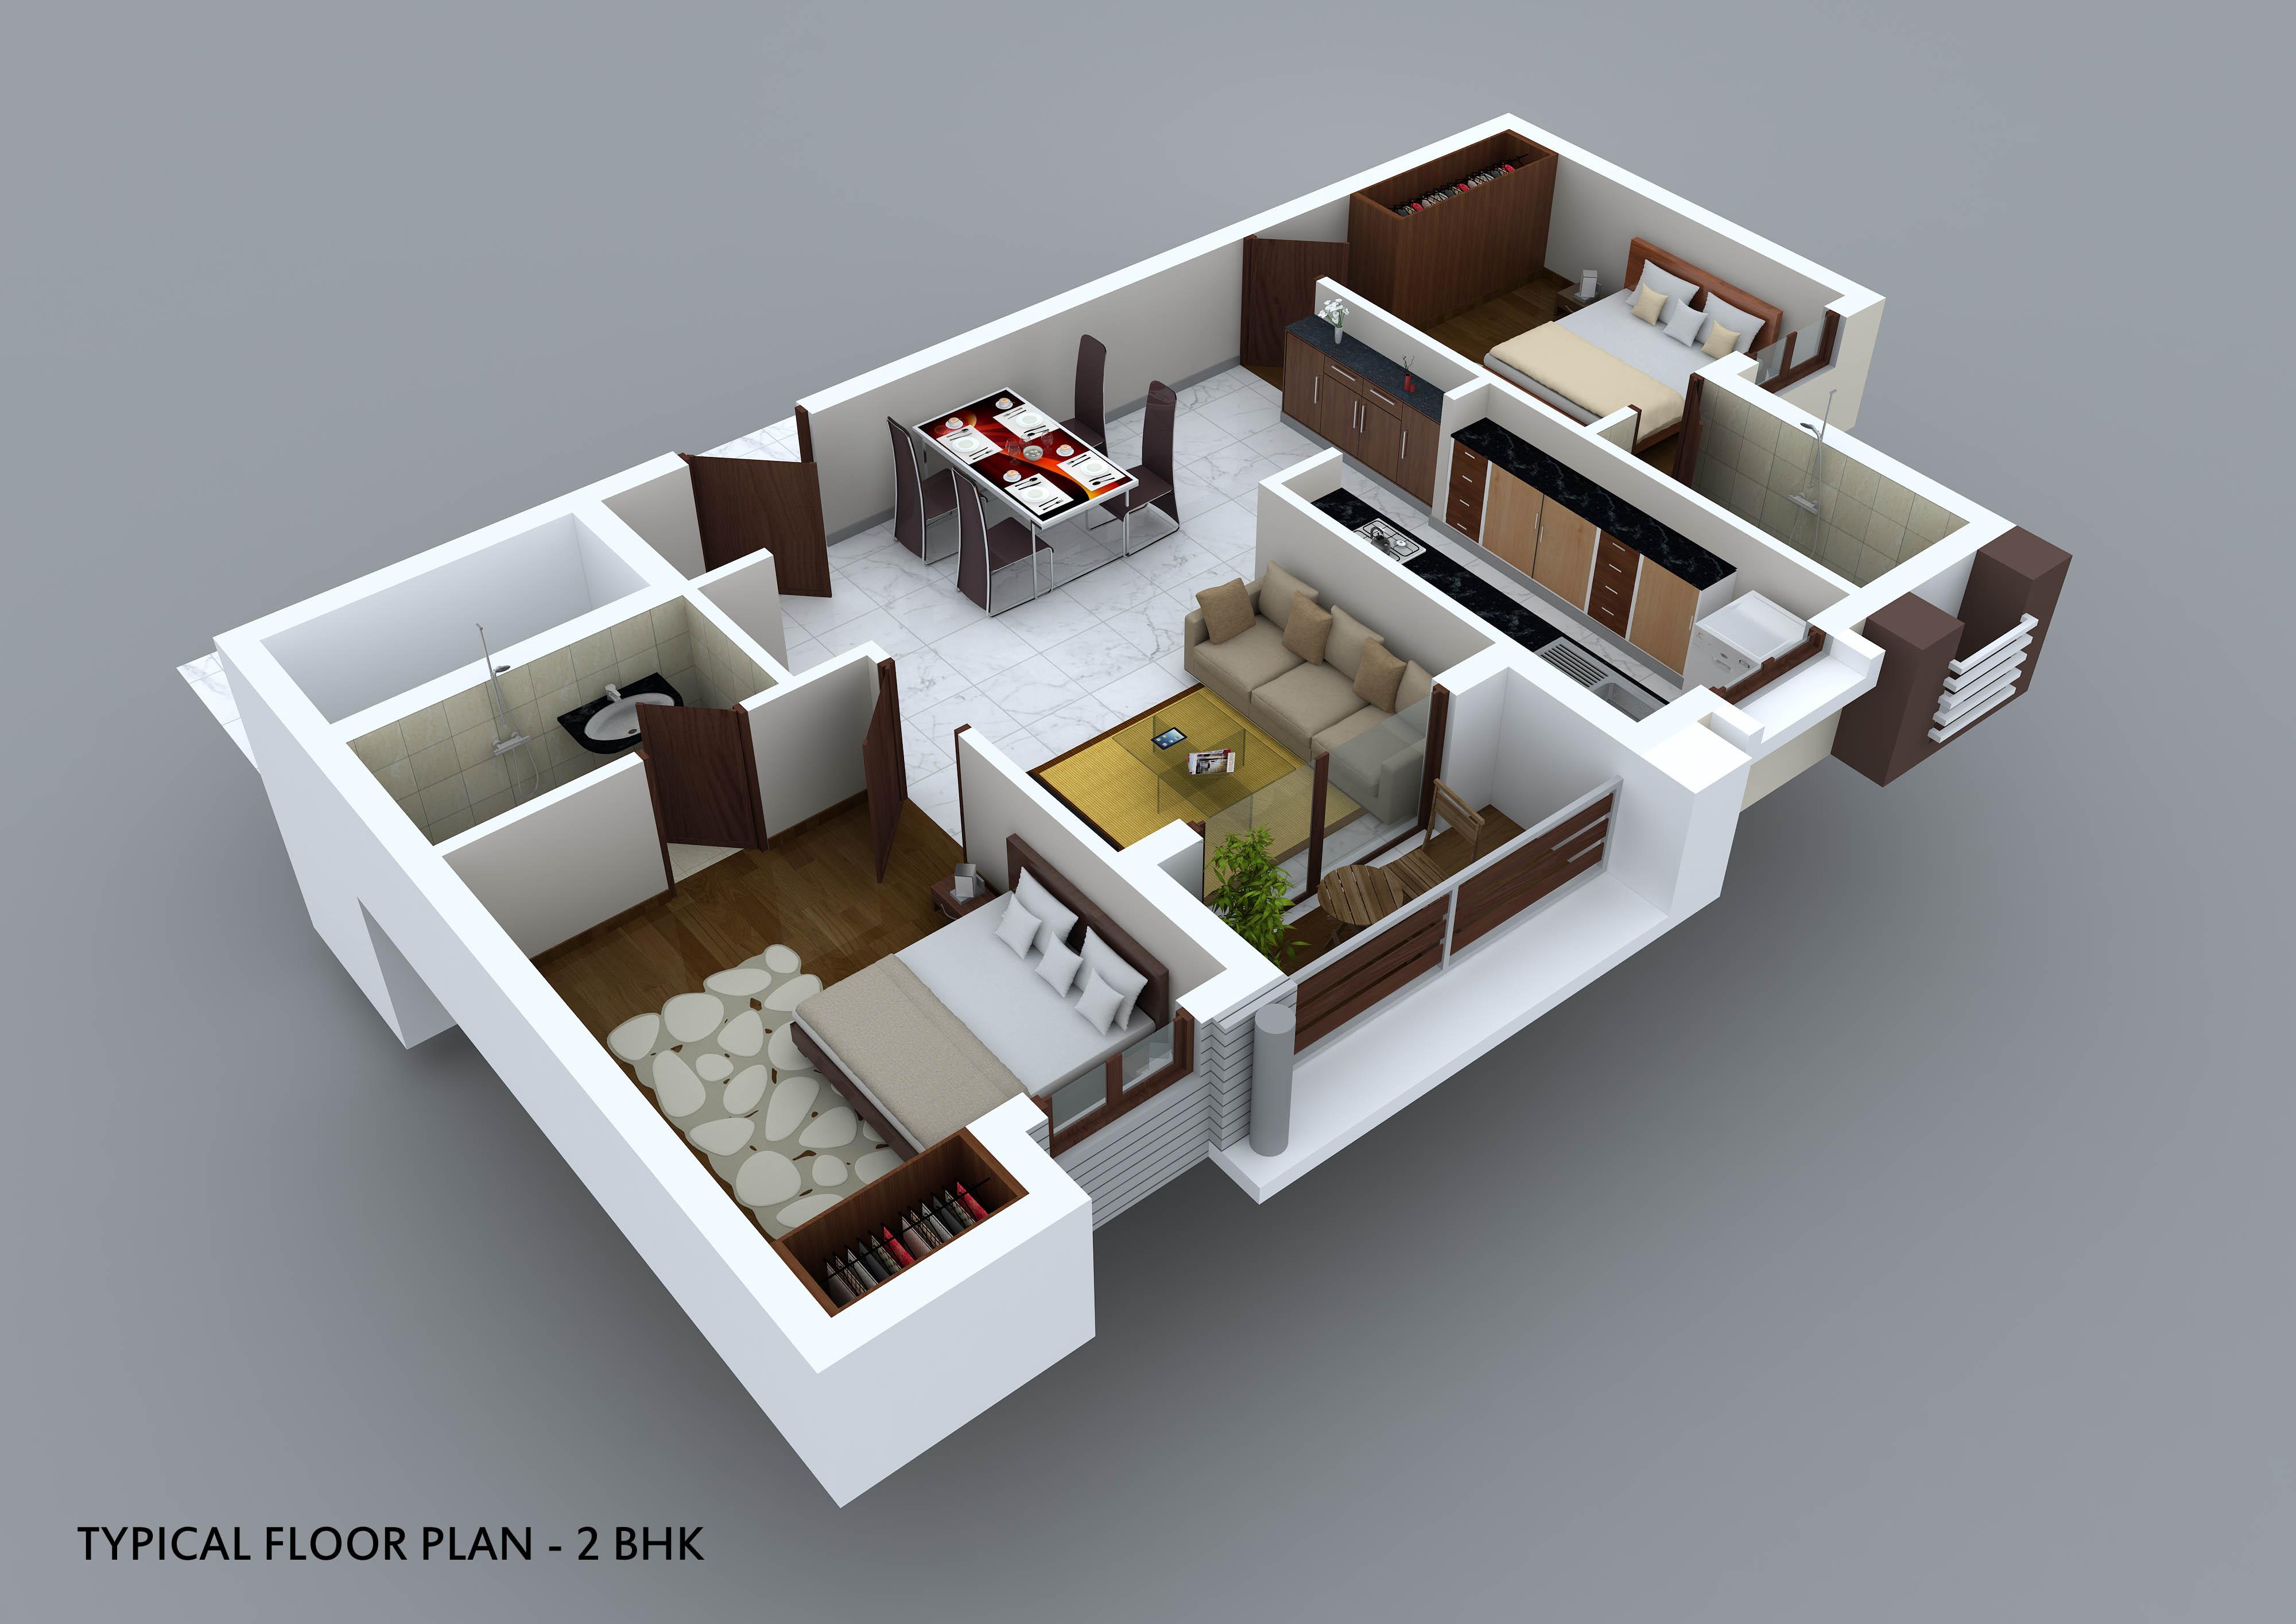 Small Bathroom Floorplans Flats In Ambattur 2 Bhk Flats Near Ambattur